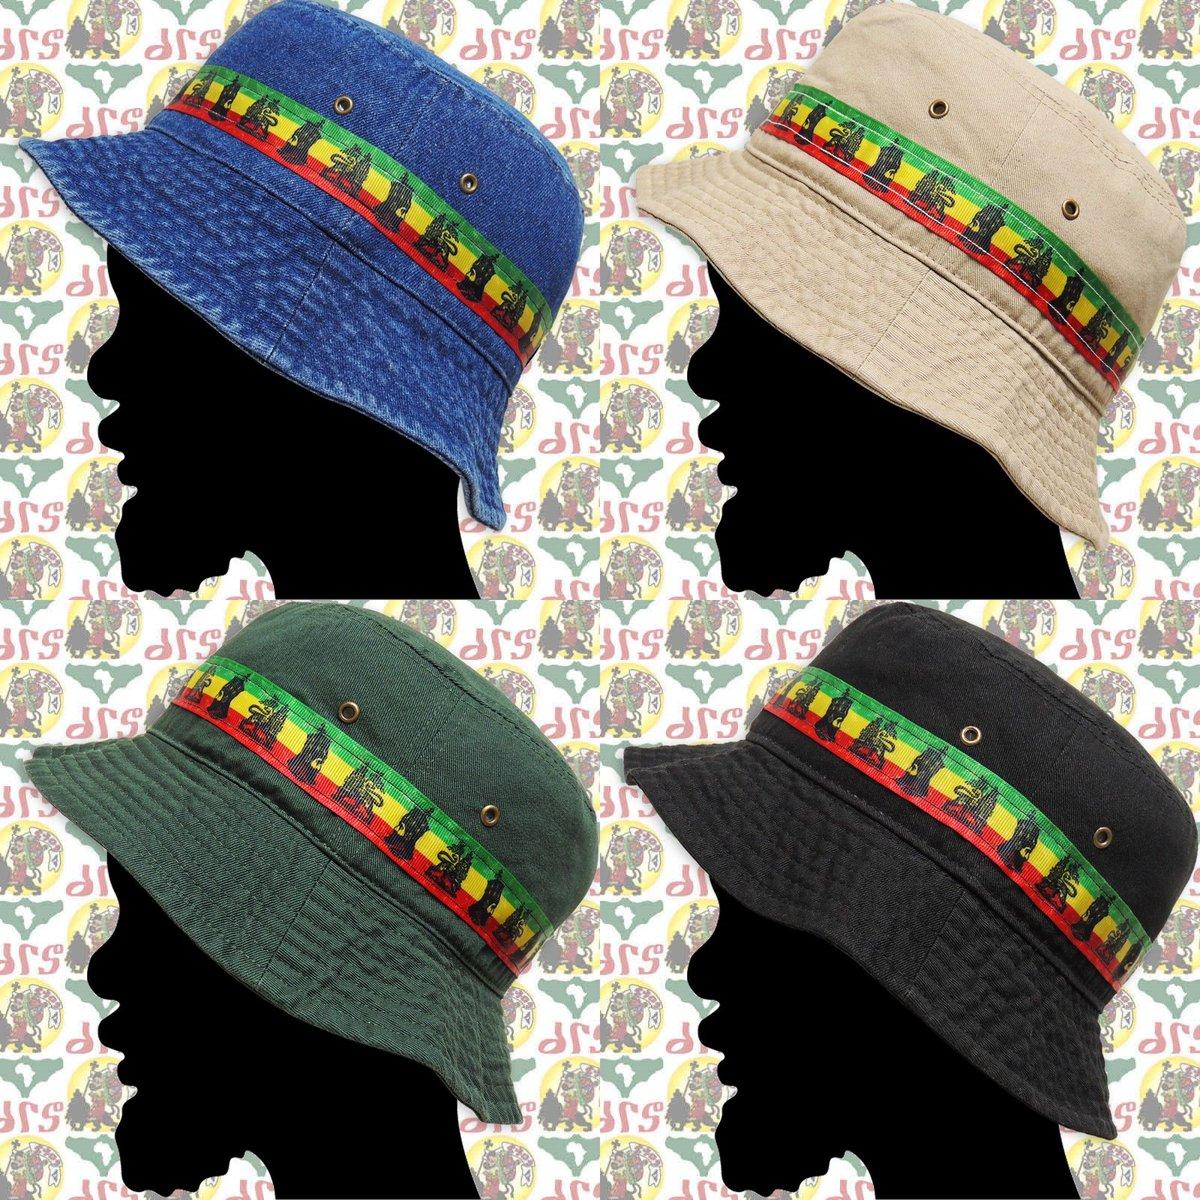 ダブロク【drs】オリジナル グログラン ライン ハット 4色 缶バッチ2個付き 更新しました!!    #drs #dubrockers #etsy #rasta #reggae #lionofjudah #ethiopia #handmade #Grosgrainribbon